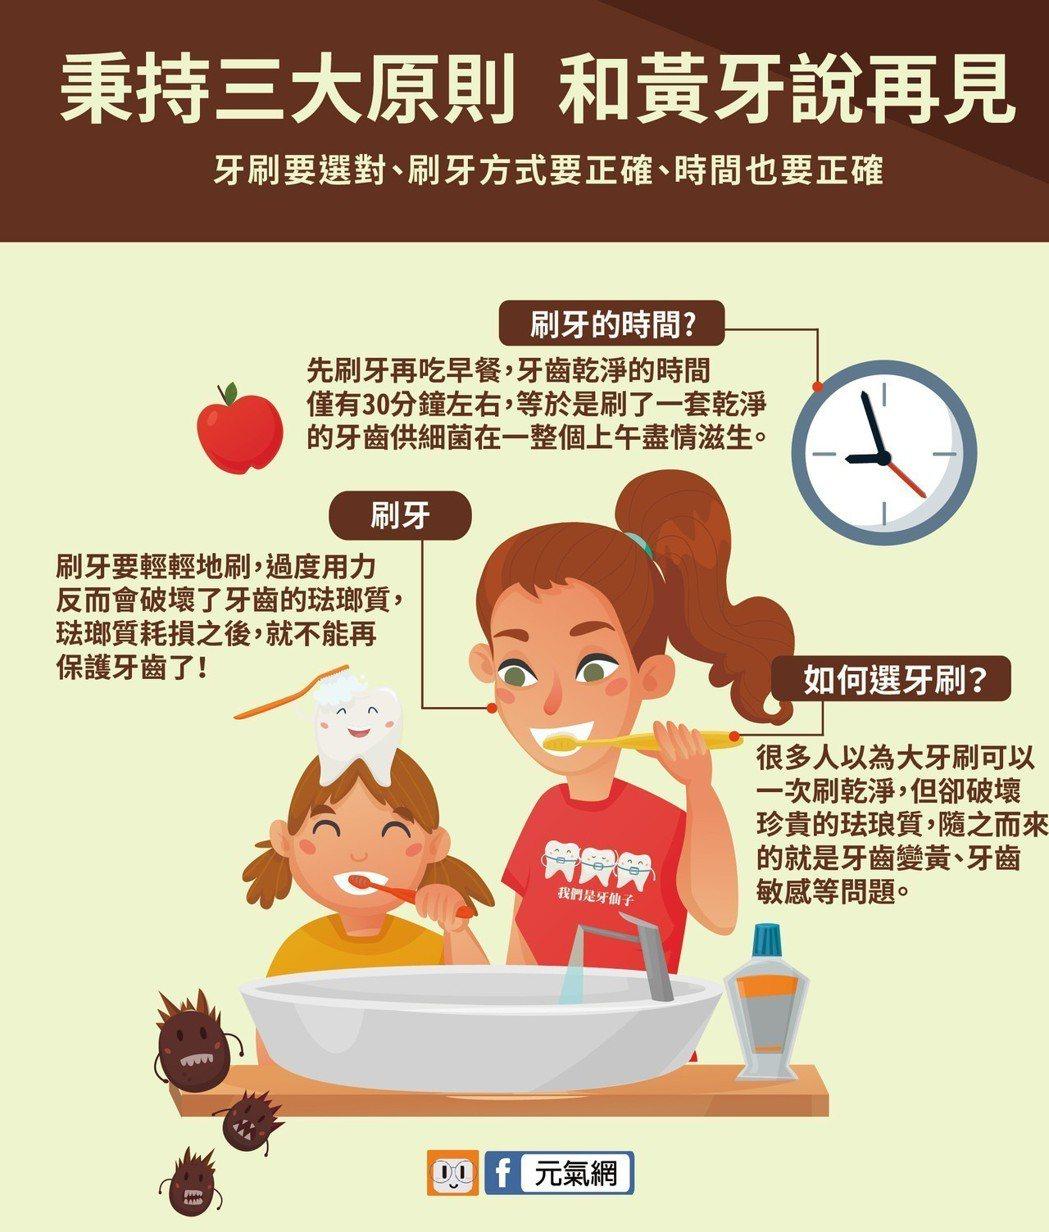 牙刷要選對、刷牙方式要正確、時間也要正確。 製圖/黃琬淑